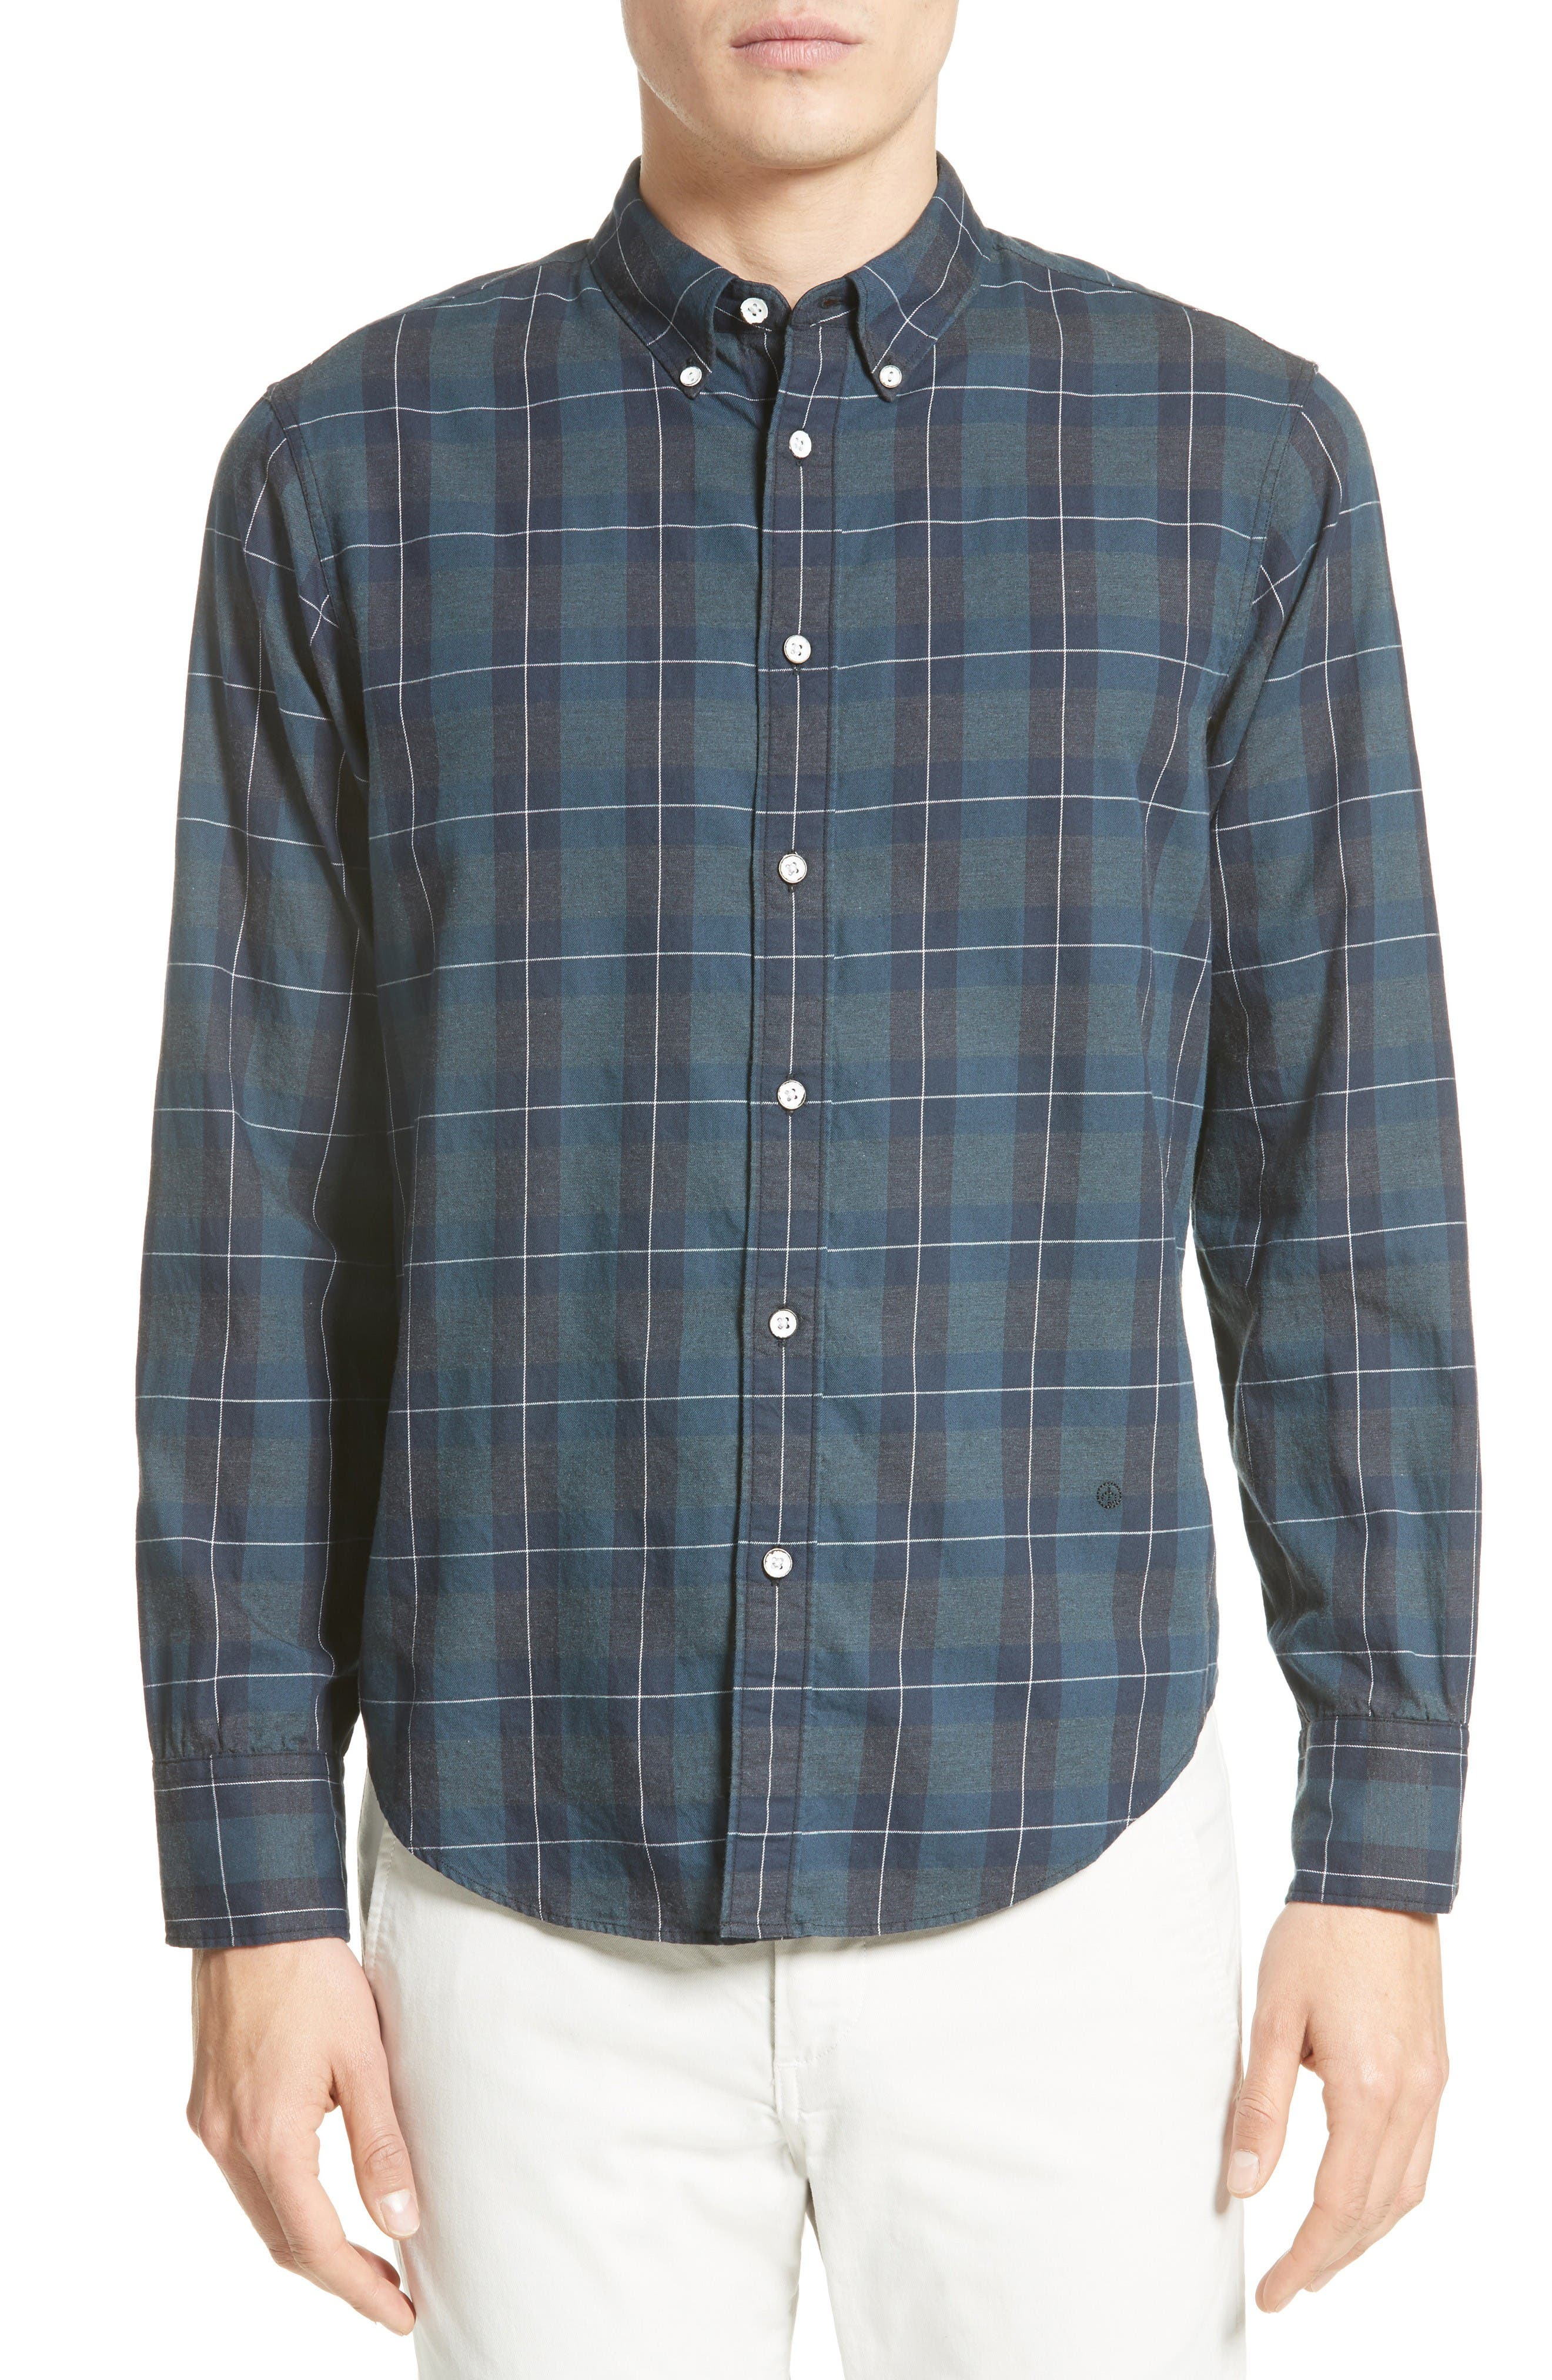 Main Image - rag & bone Tomlin Plaid Sport Shirt